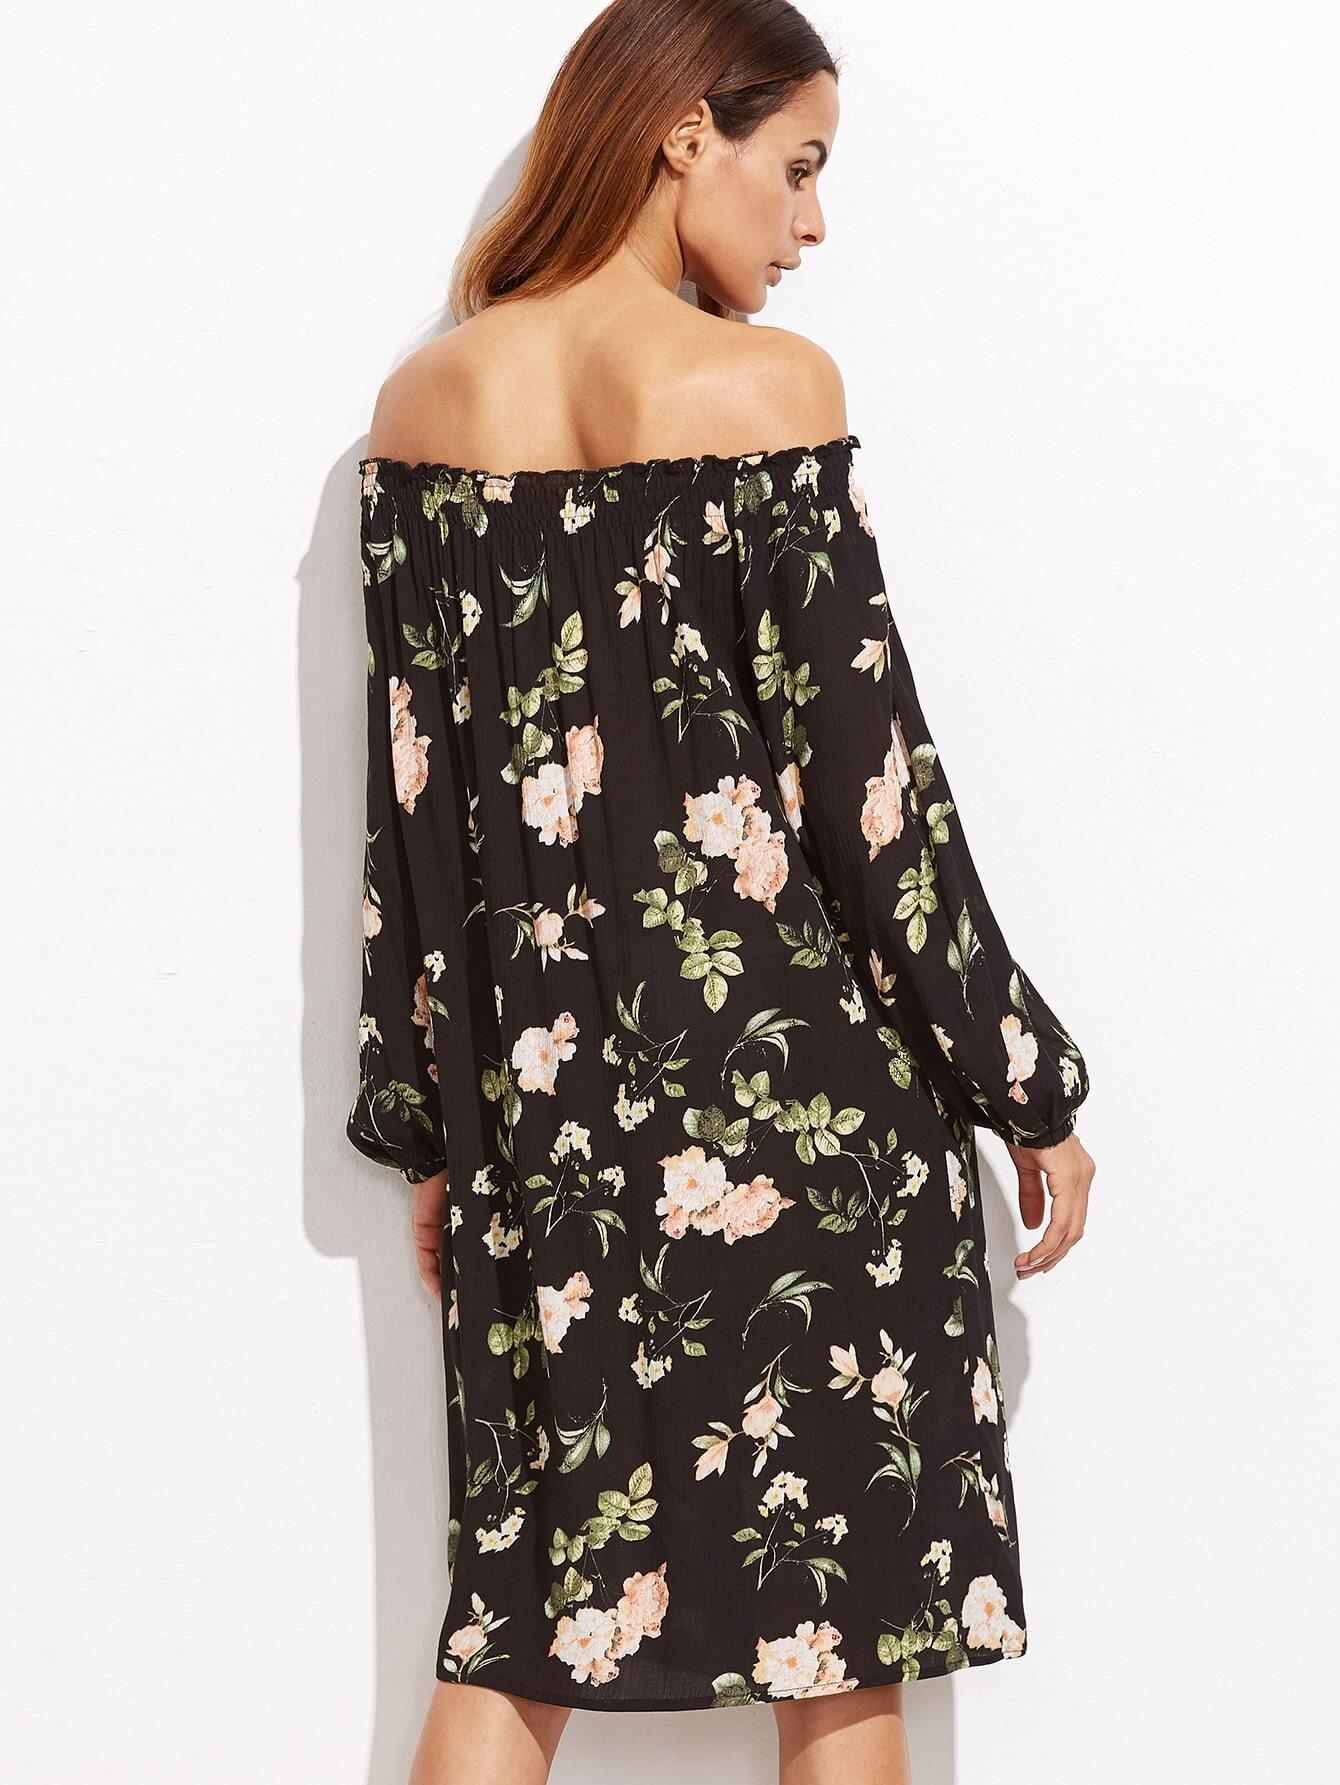 dress161021493_2